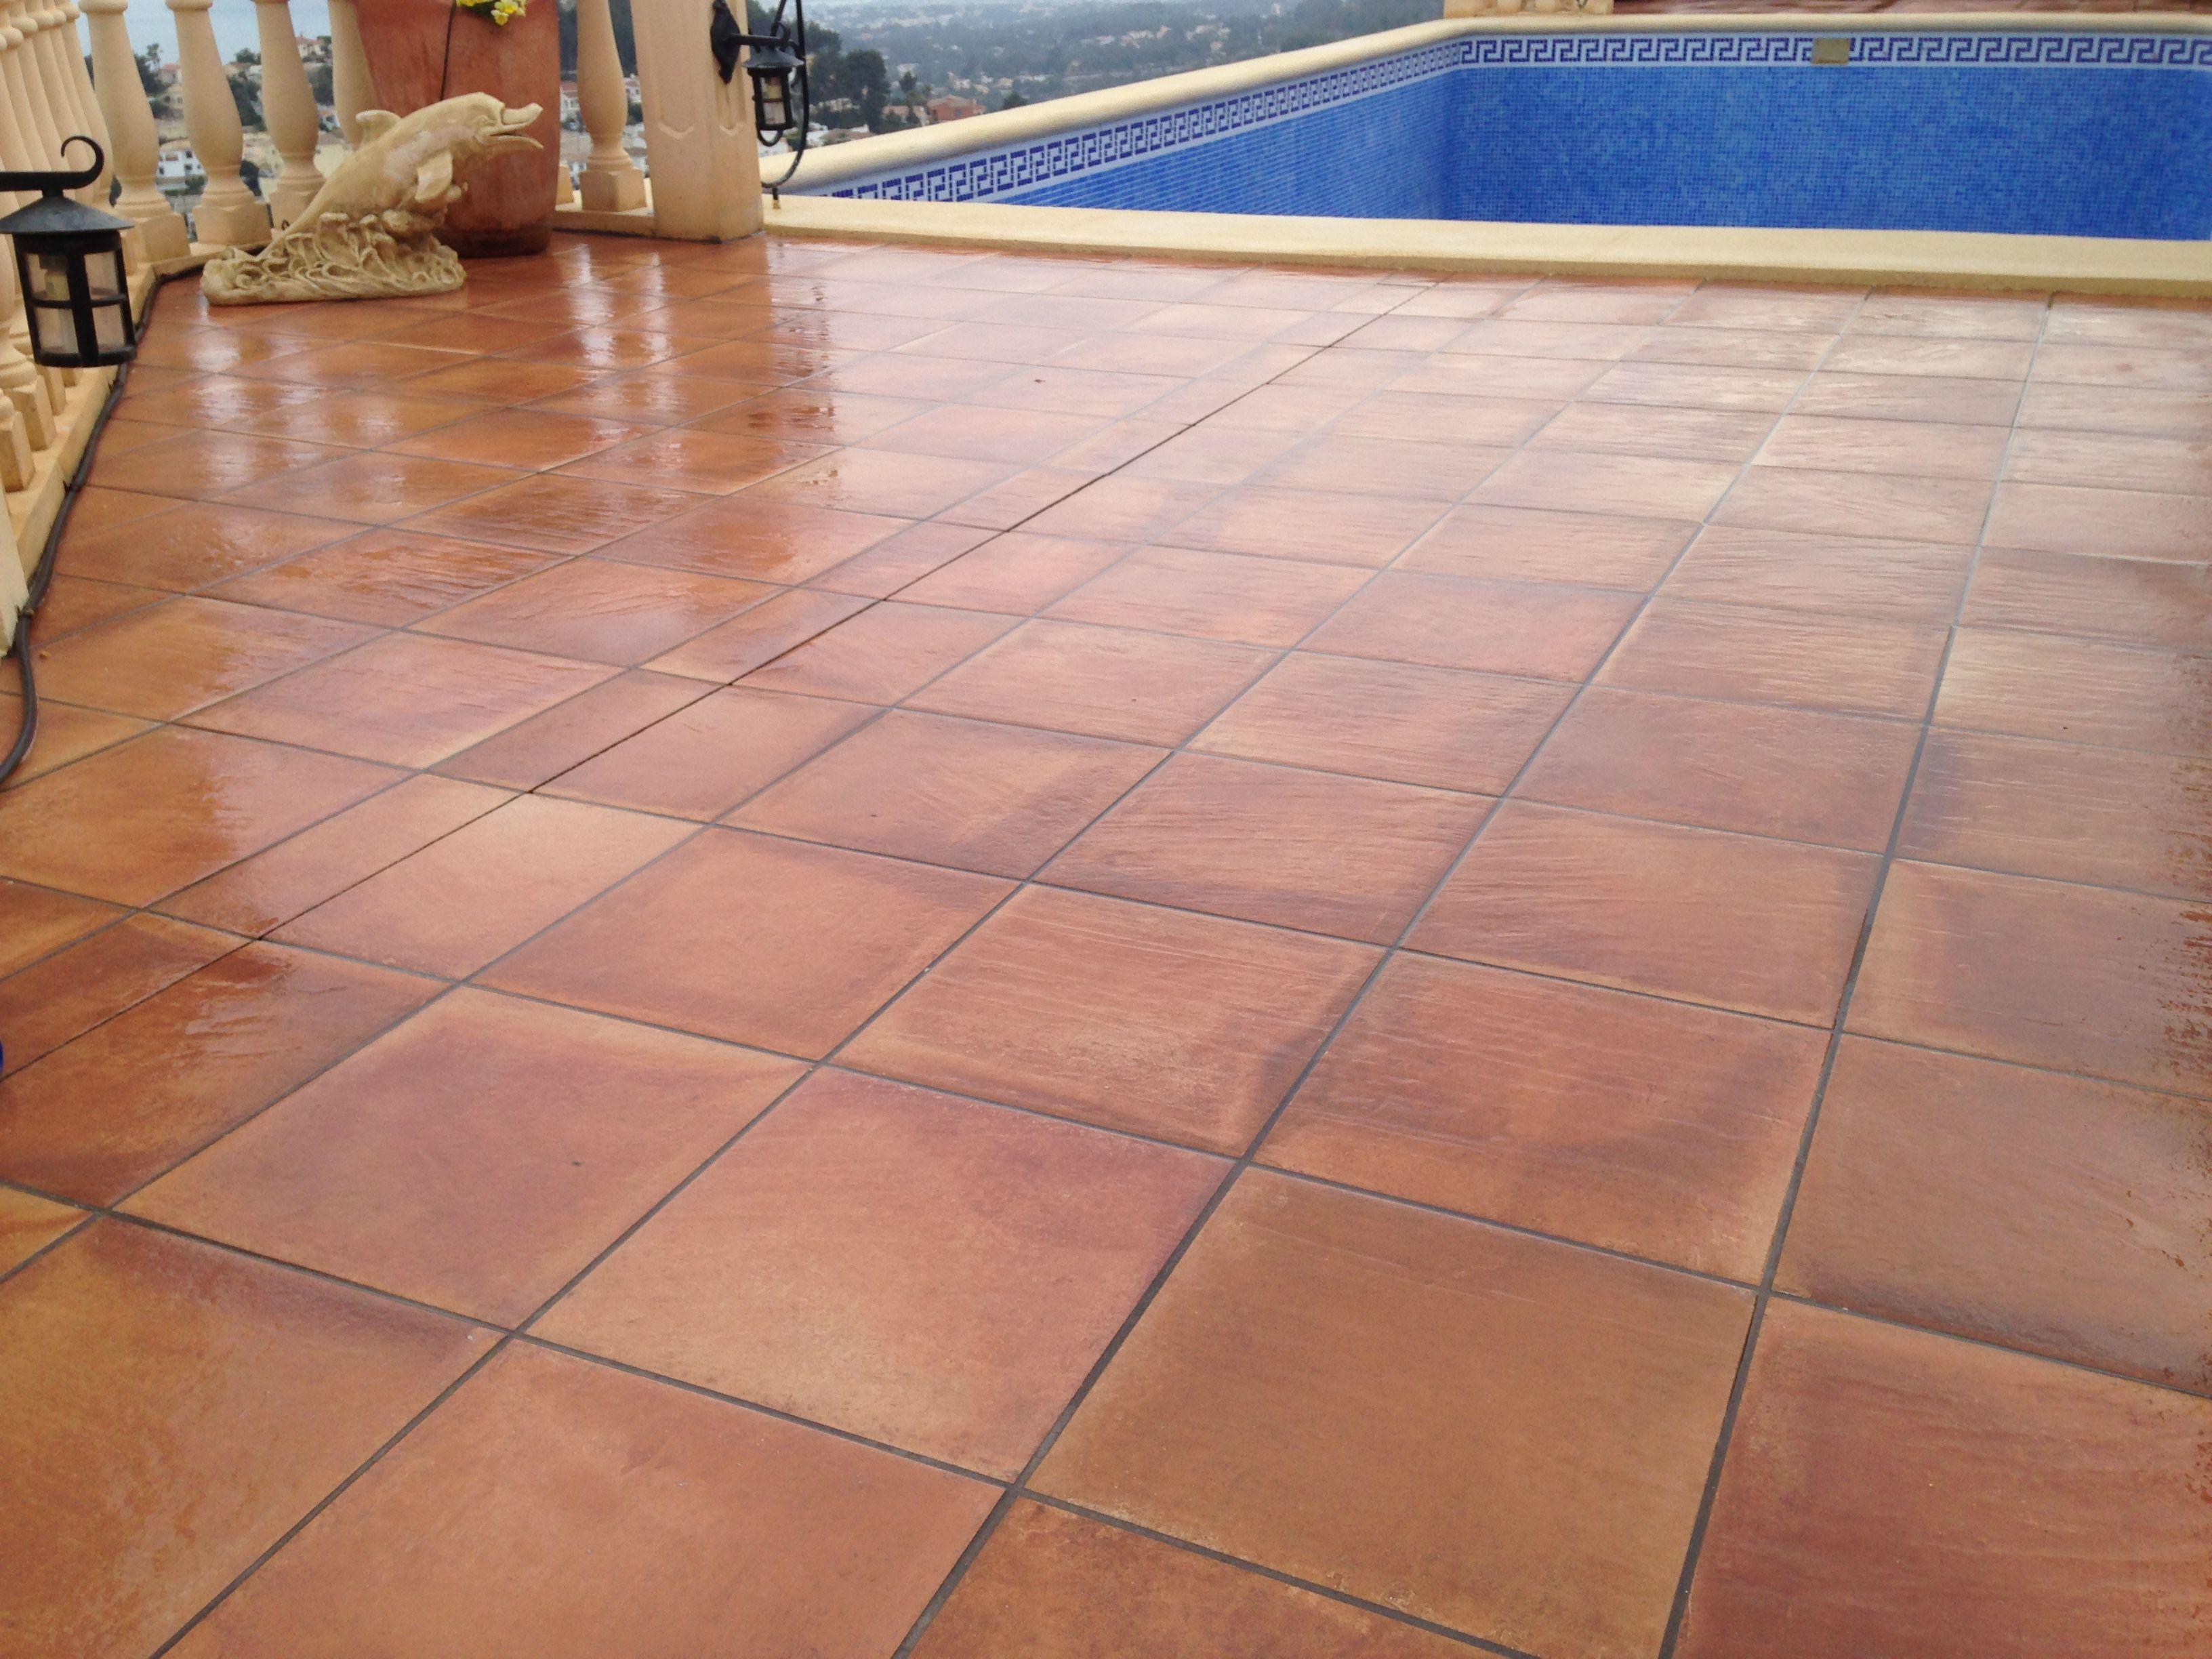 Suelos piscinas trendy suelos piscinas hormigon impreso - Hormigon decorativo para suelos ...